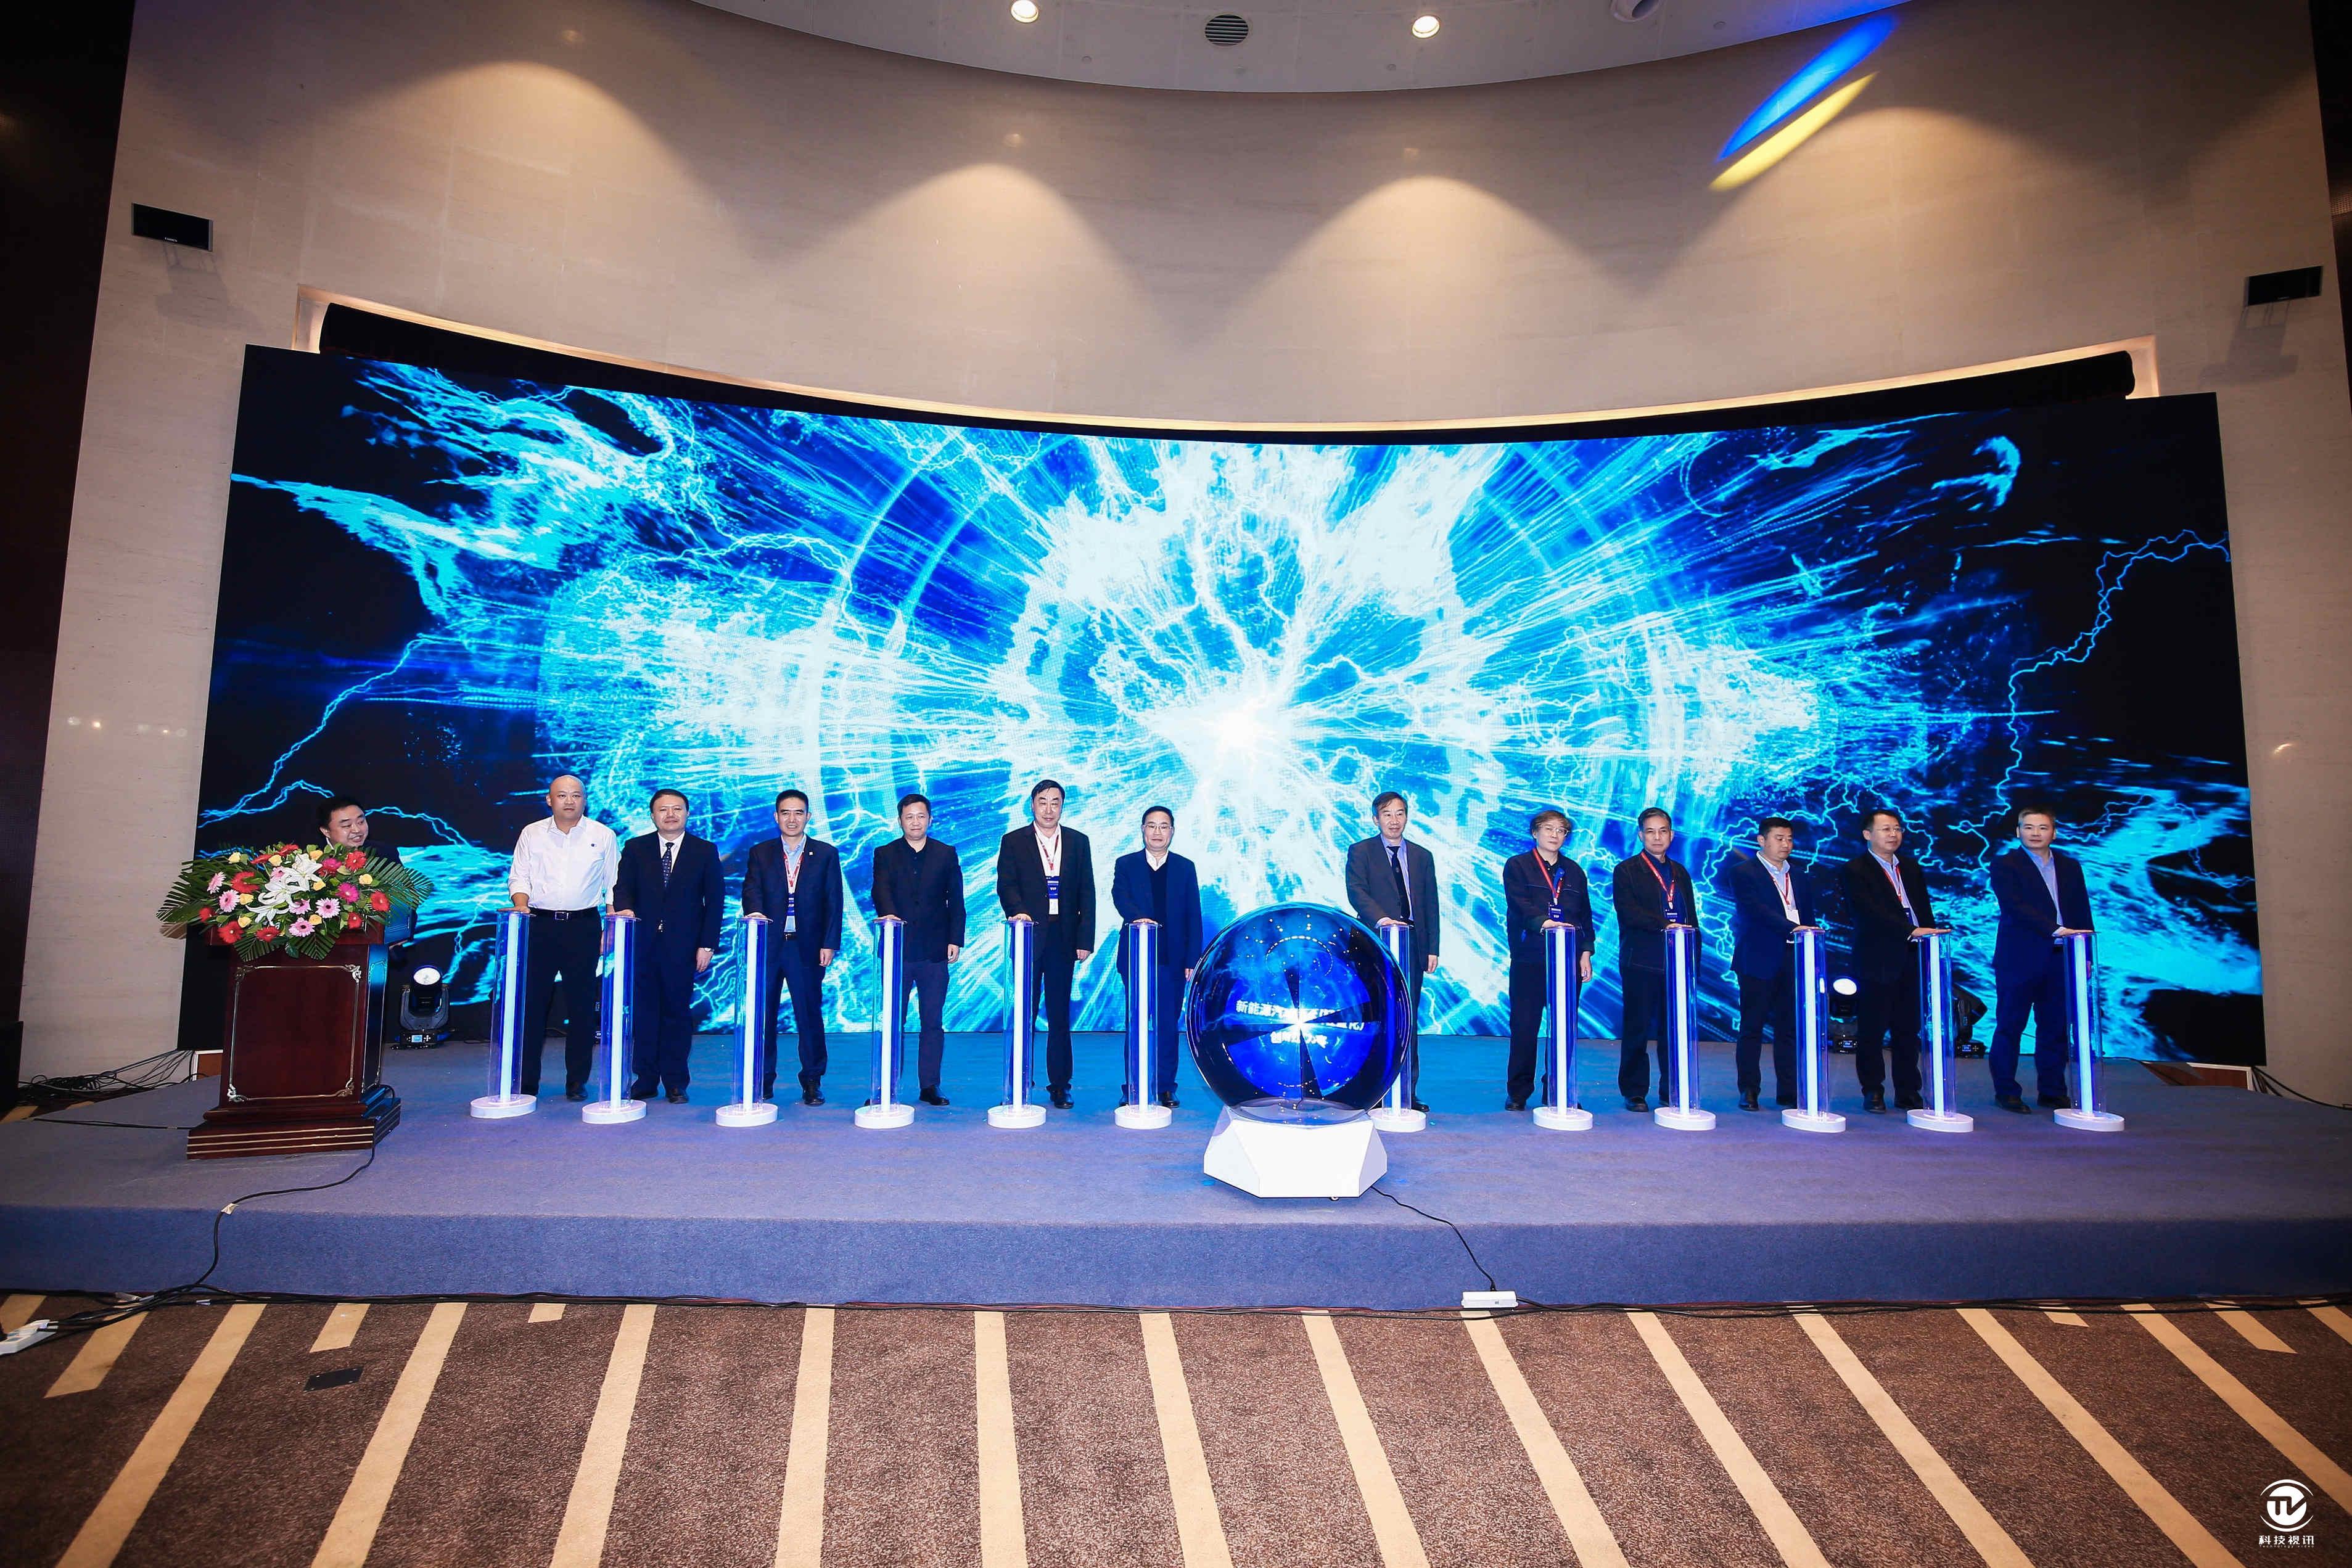 """图片2-国创中心正式对外发布新能源汽车创新技术拉力赛(""""NEVTIR"""")赛事品牌.jpg"""